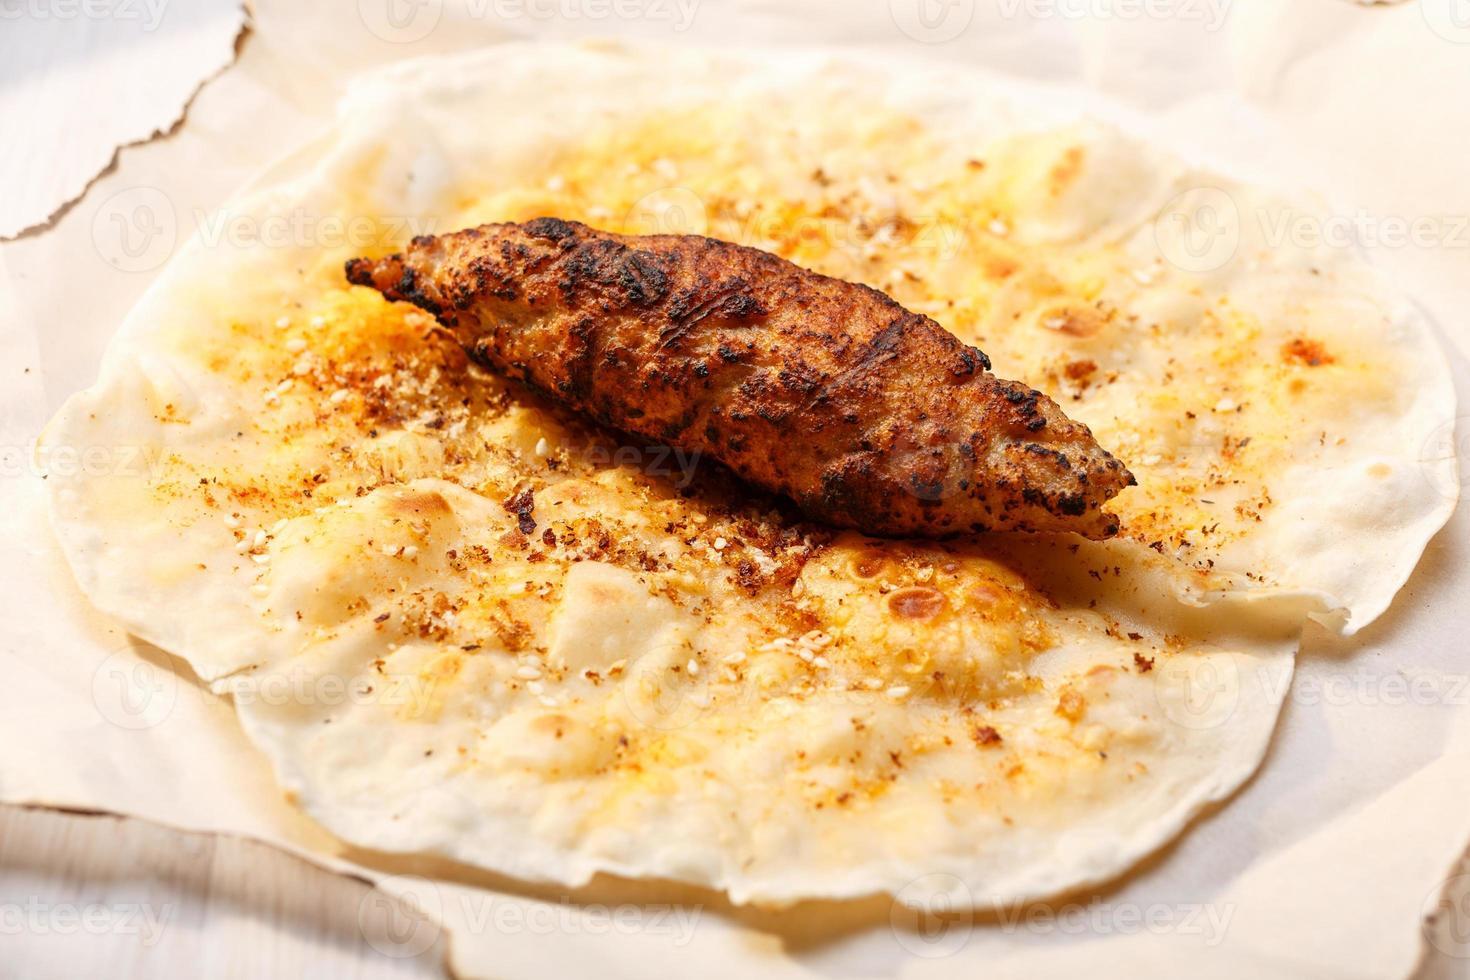 shish kofte kebab photo